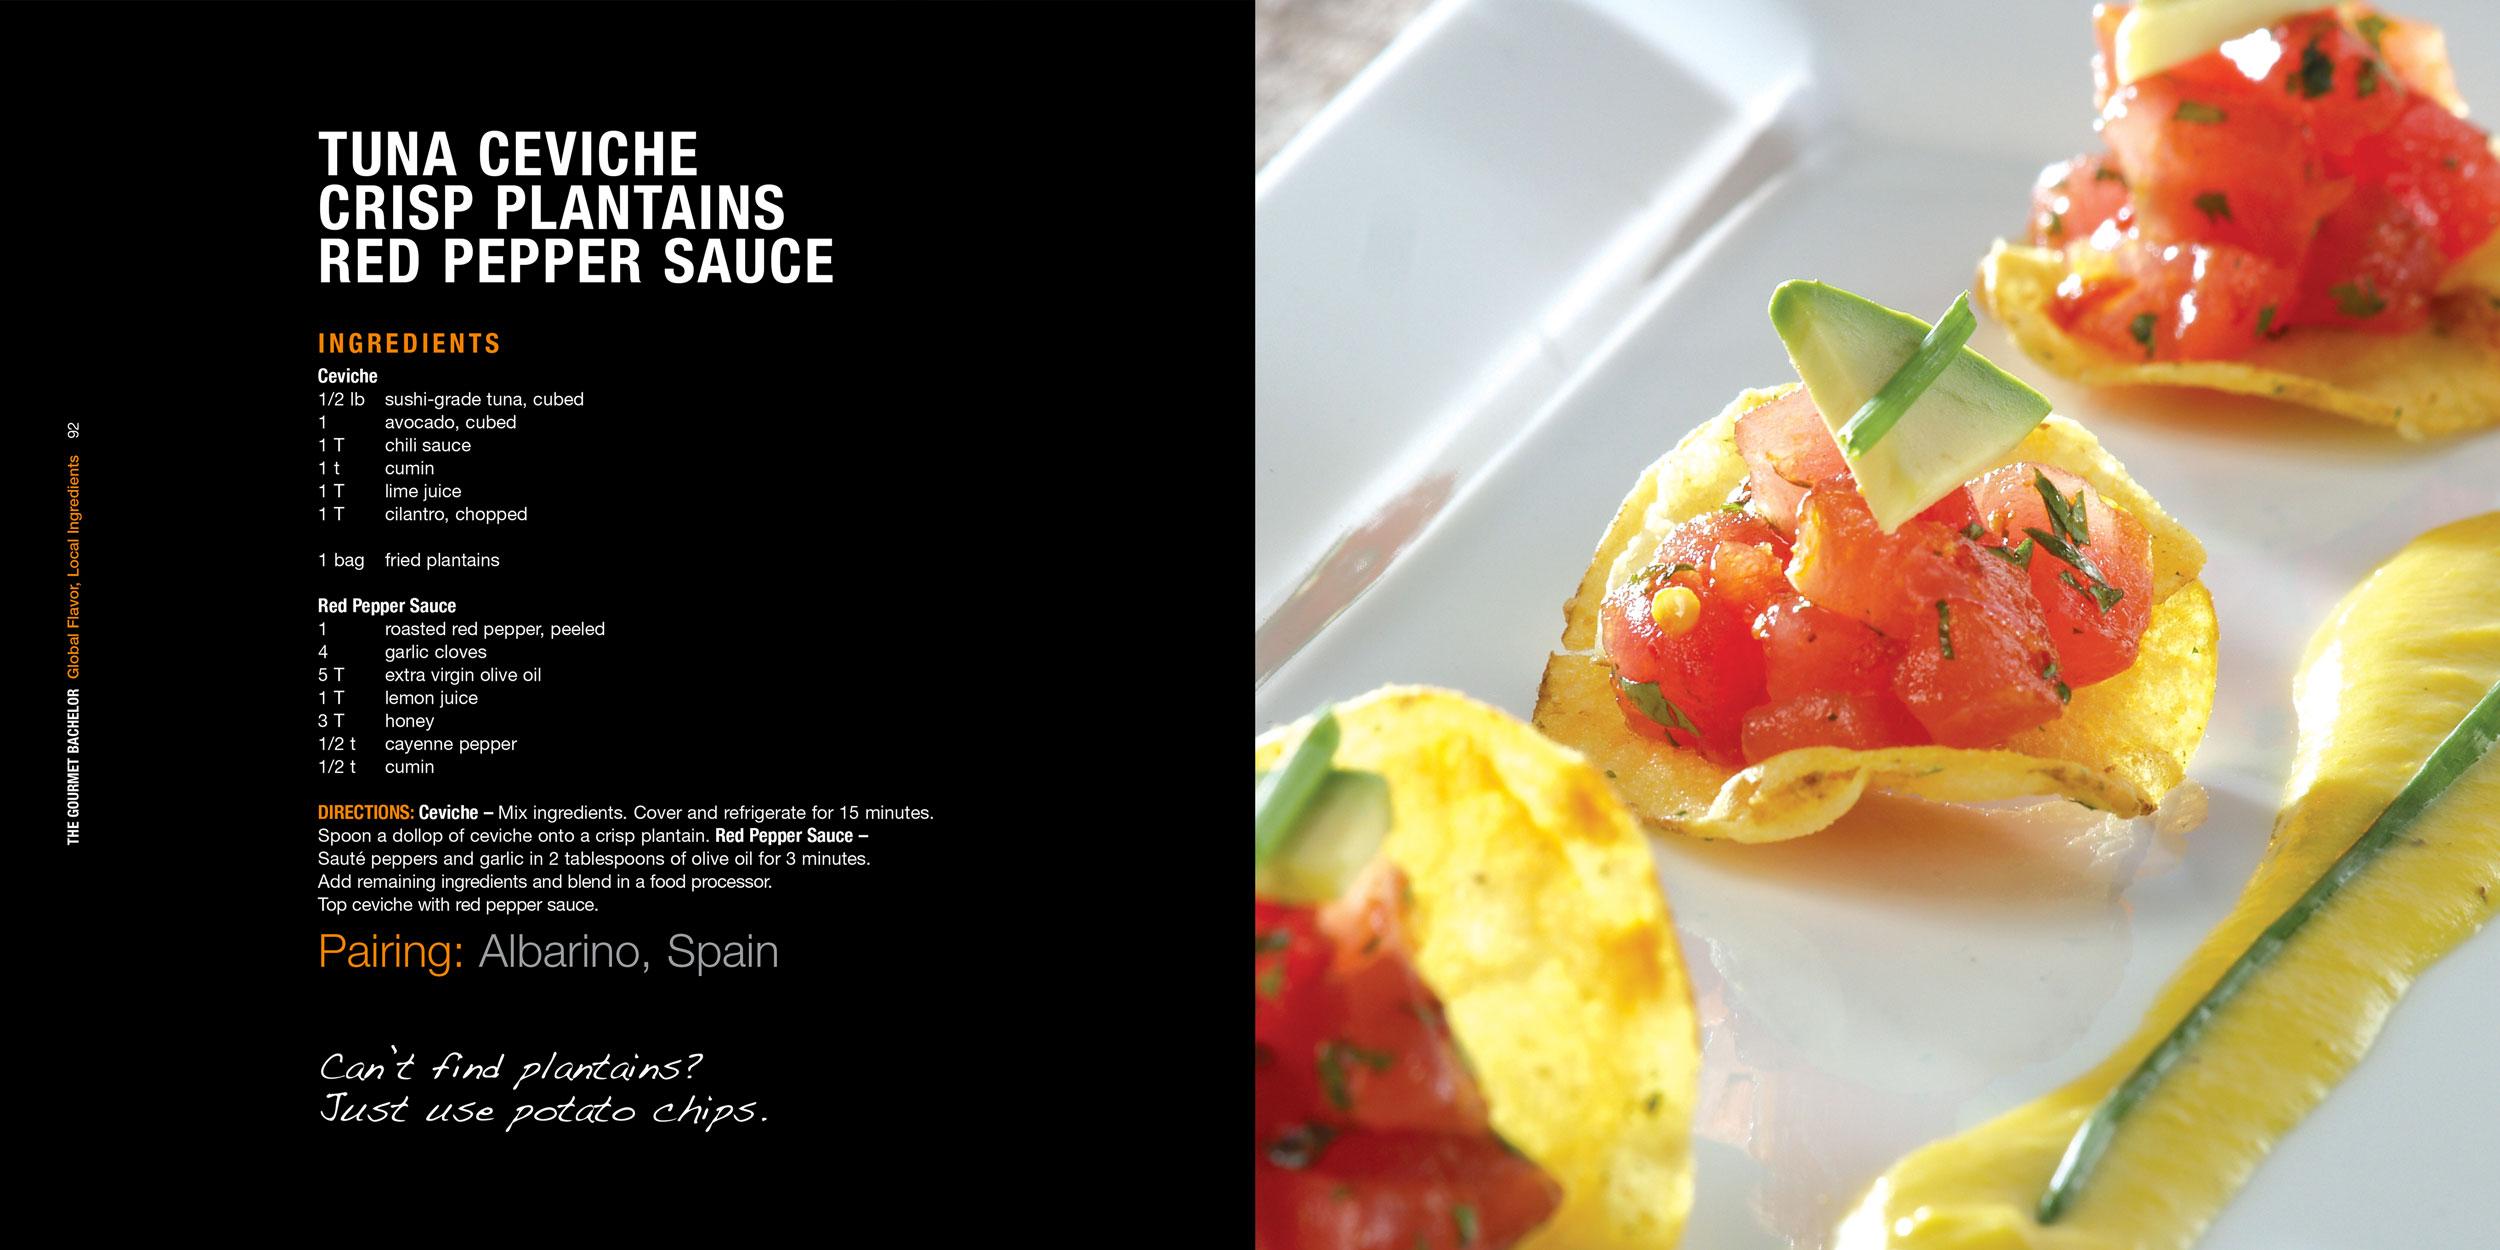 TGB_Tuna_Ceviche_Crisp_Plantanins_Red_Pepper_Sauce